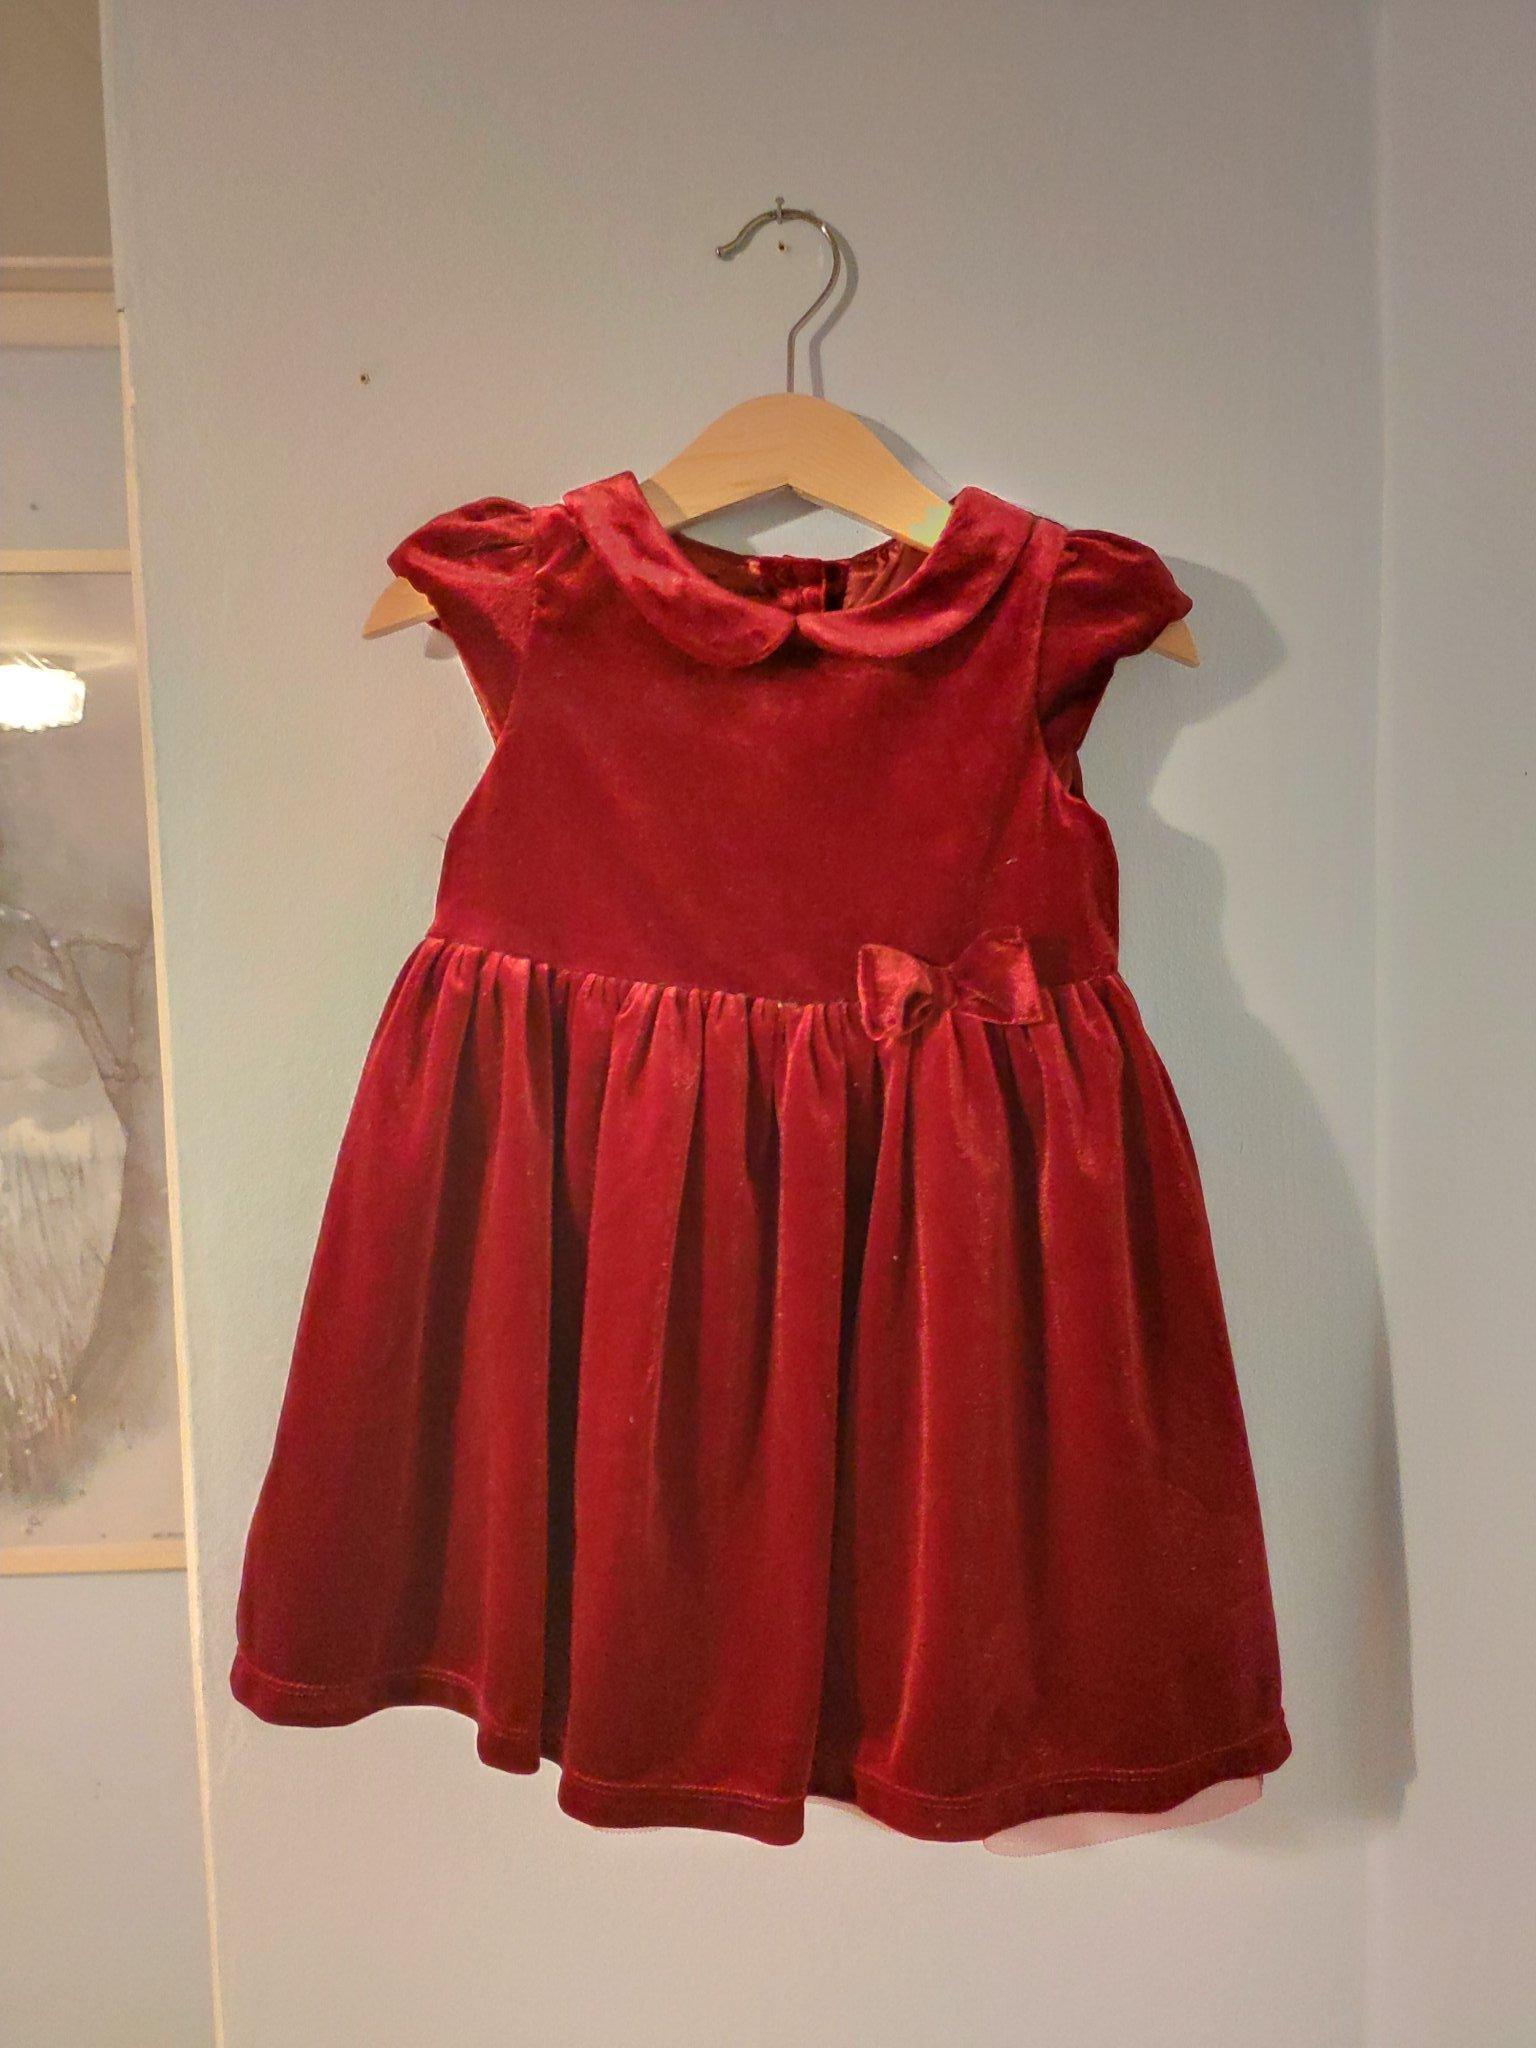 Klänning röd sammet stl 92 Lindex jul (422670636) ᐈ Köp på